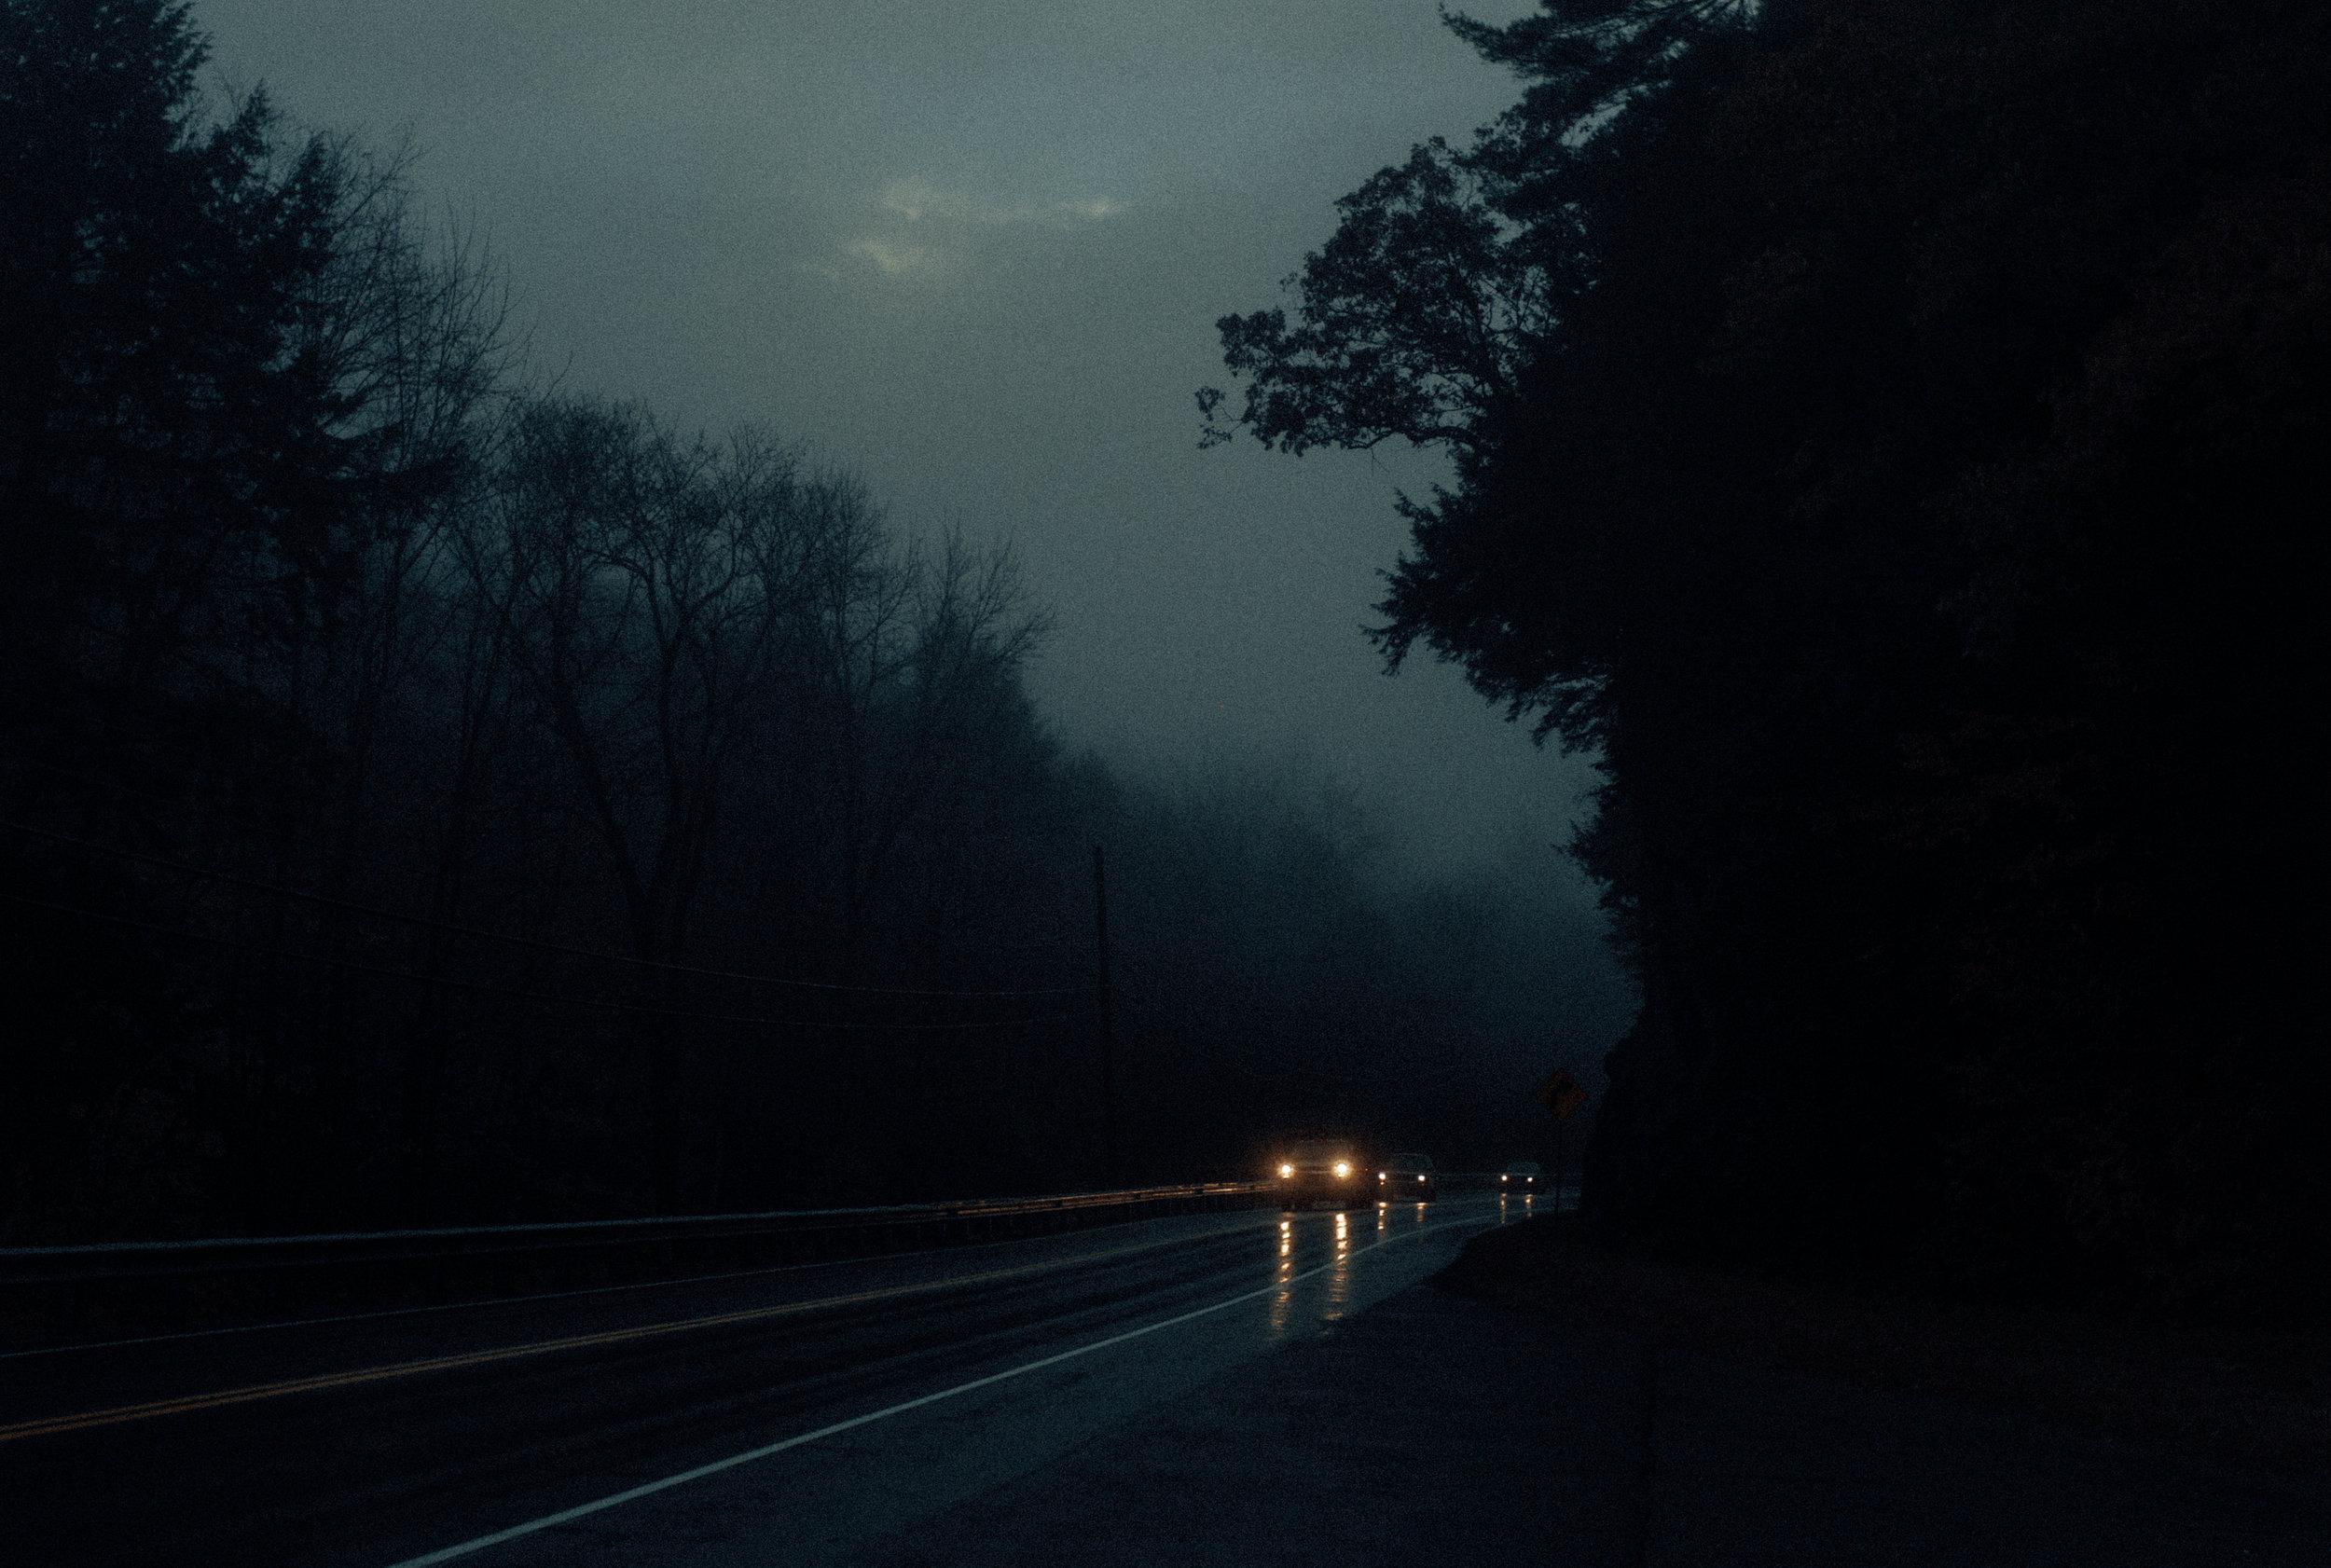 Upstate New York, 2015